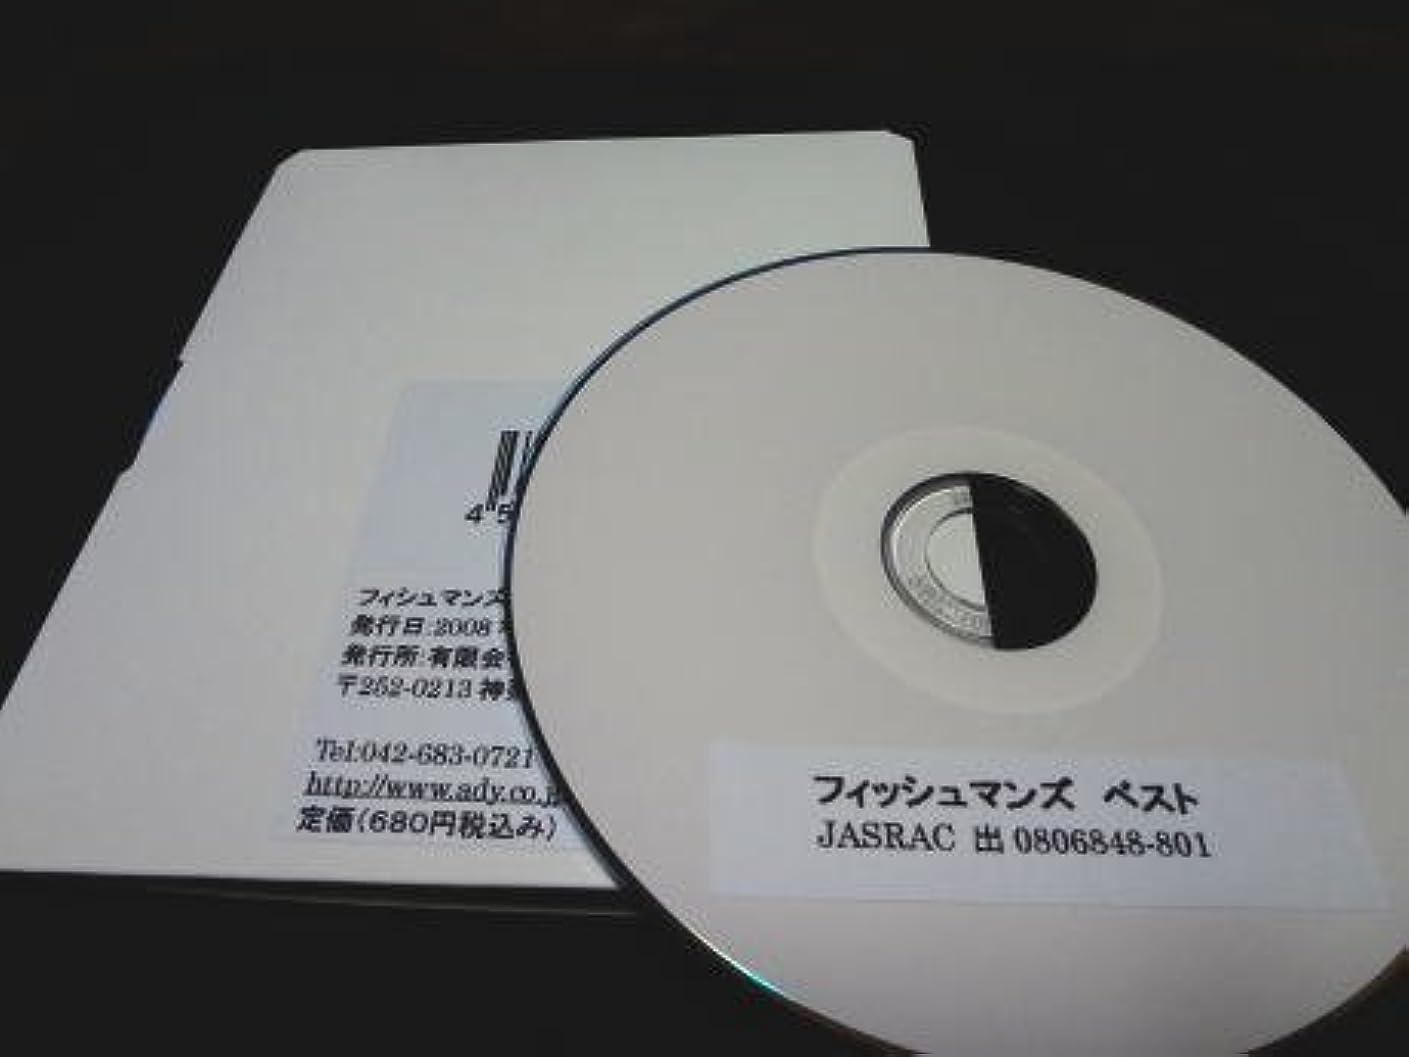 ミュージカル地球静かにギターコード譜シリーズ(CD-R版)/フィッシュマンズ ベスト